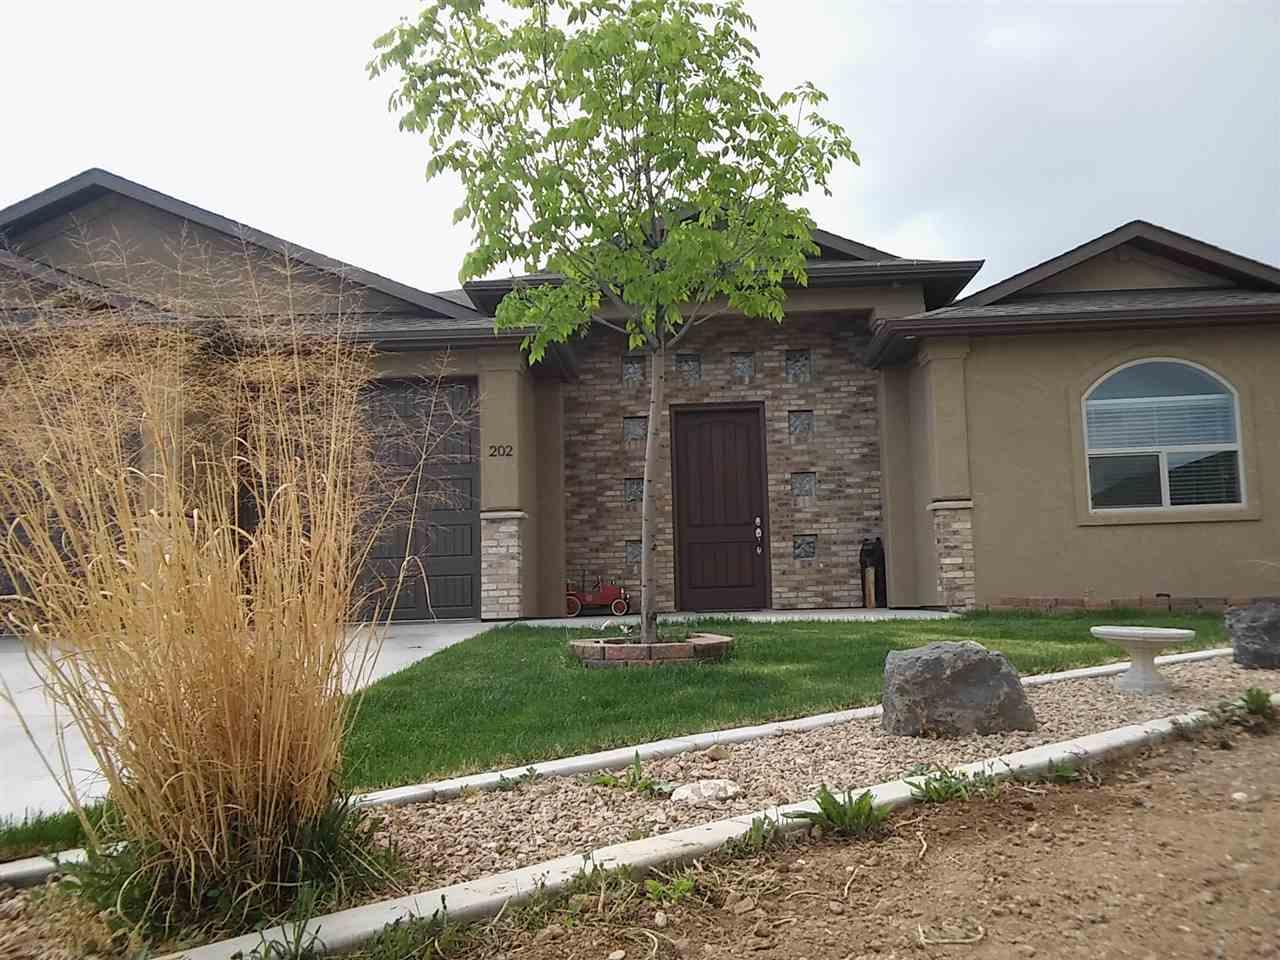 202 Basalt Court, Grand Junction, CO 81503